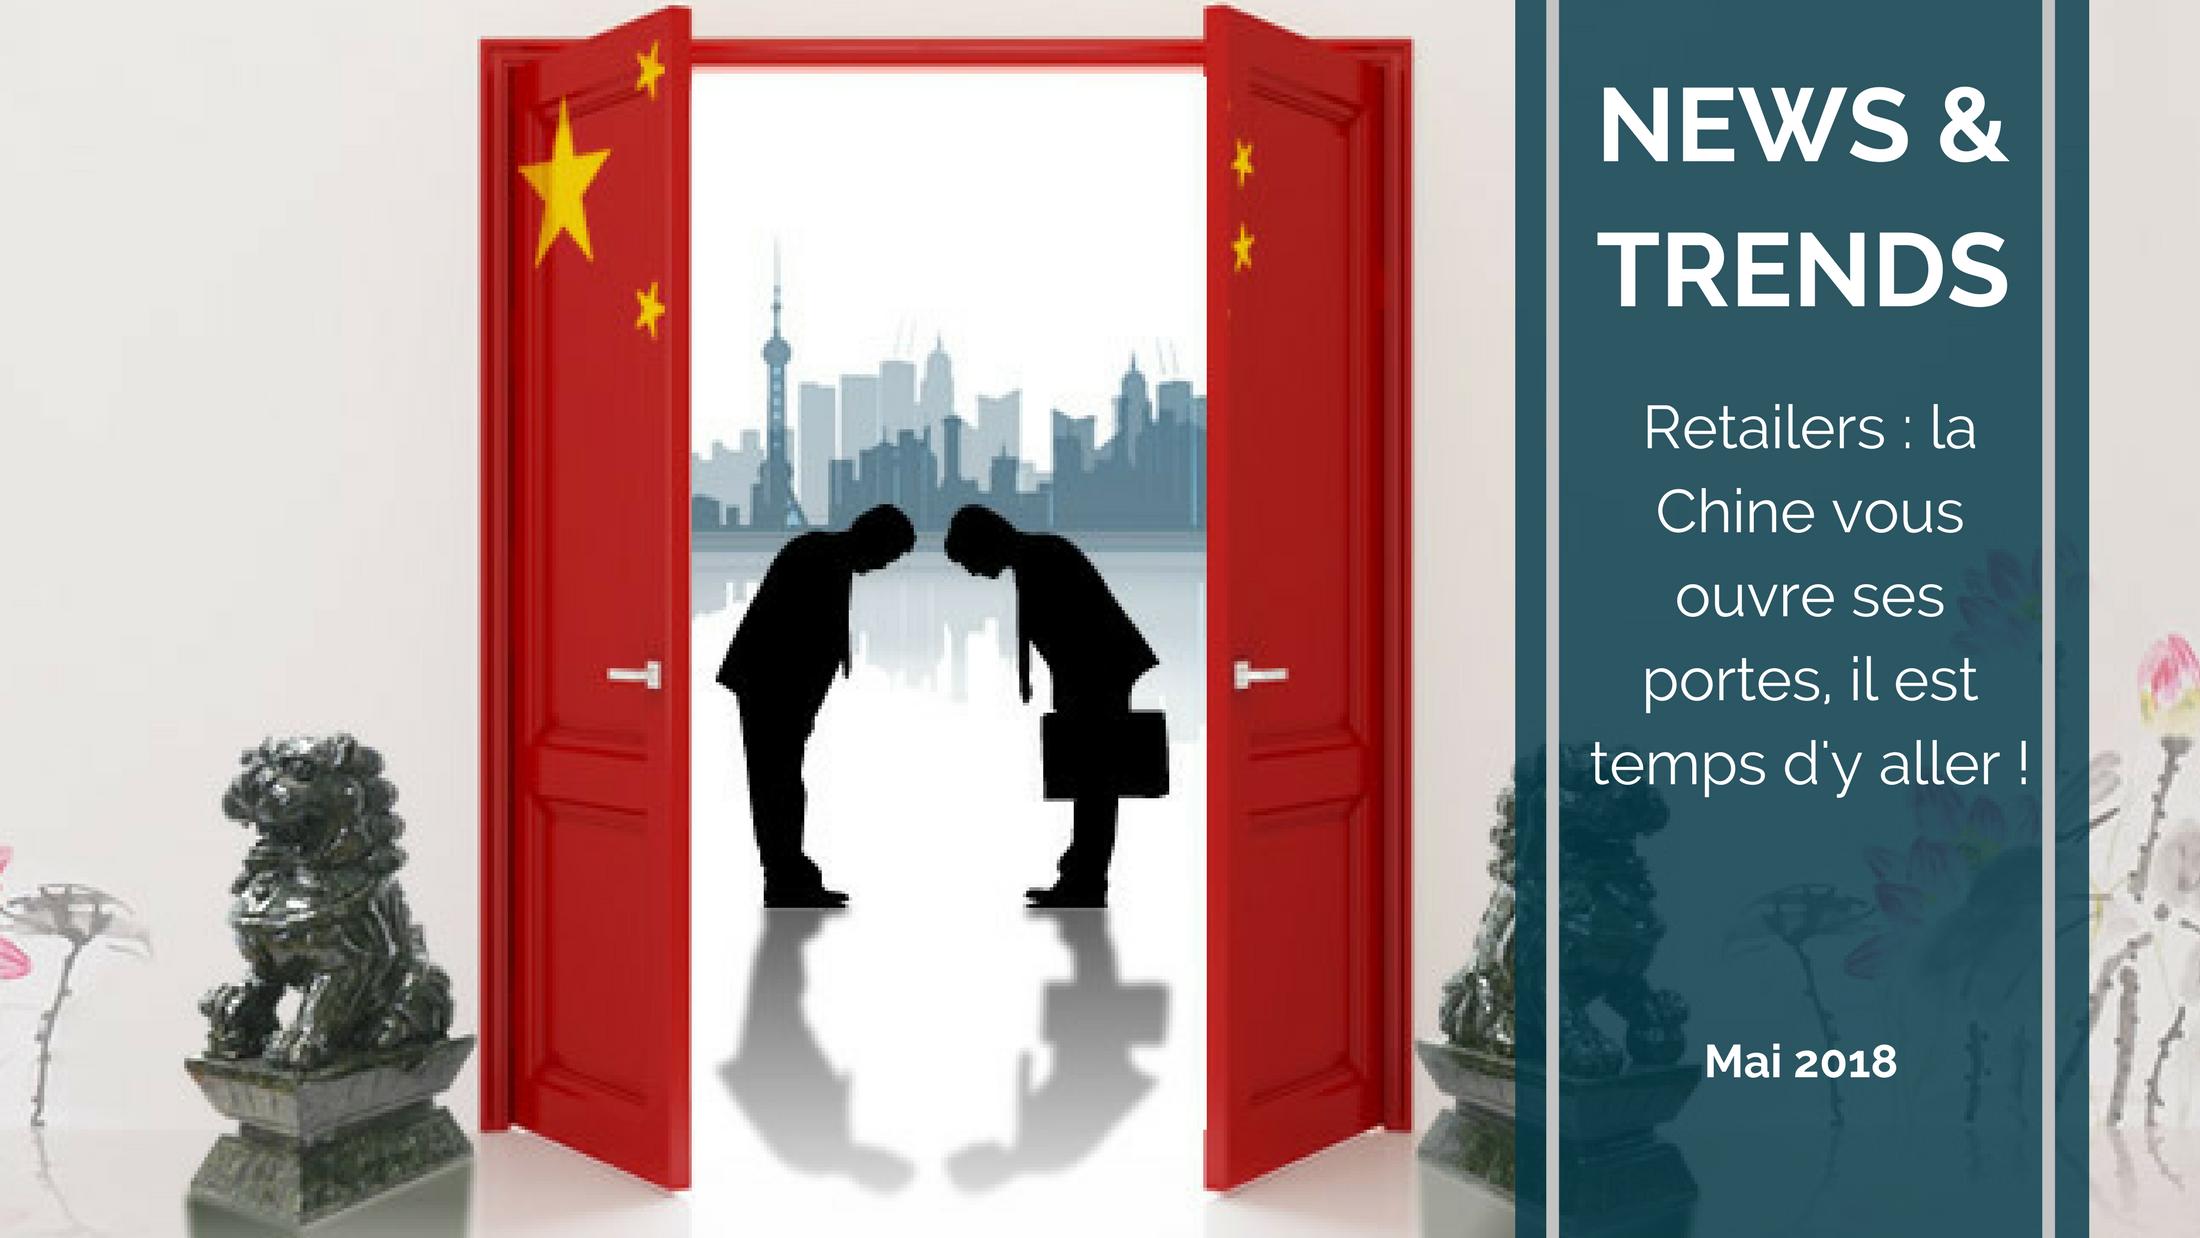 Trends News suite1 - Retailers : la Chine vous ouvre ses portes, il est temps d'y aller !